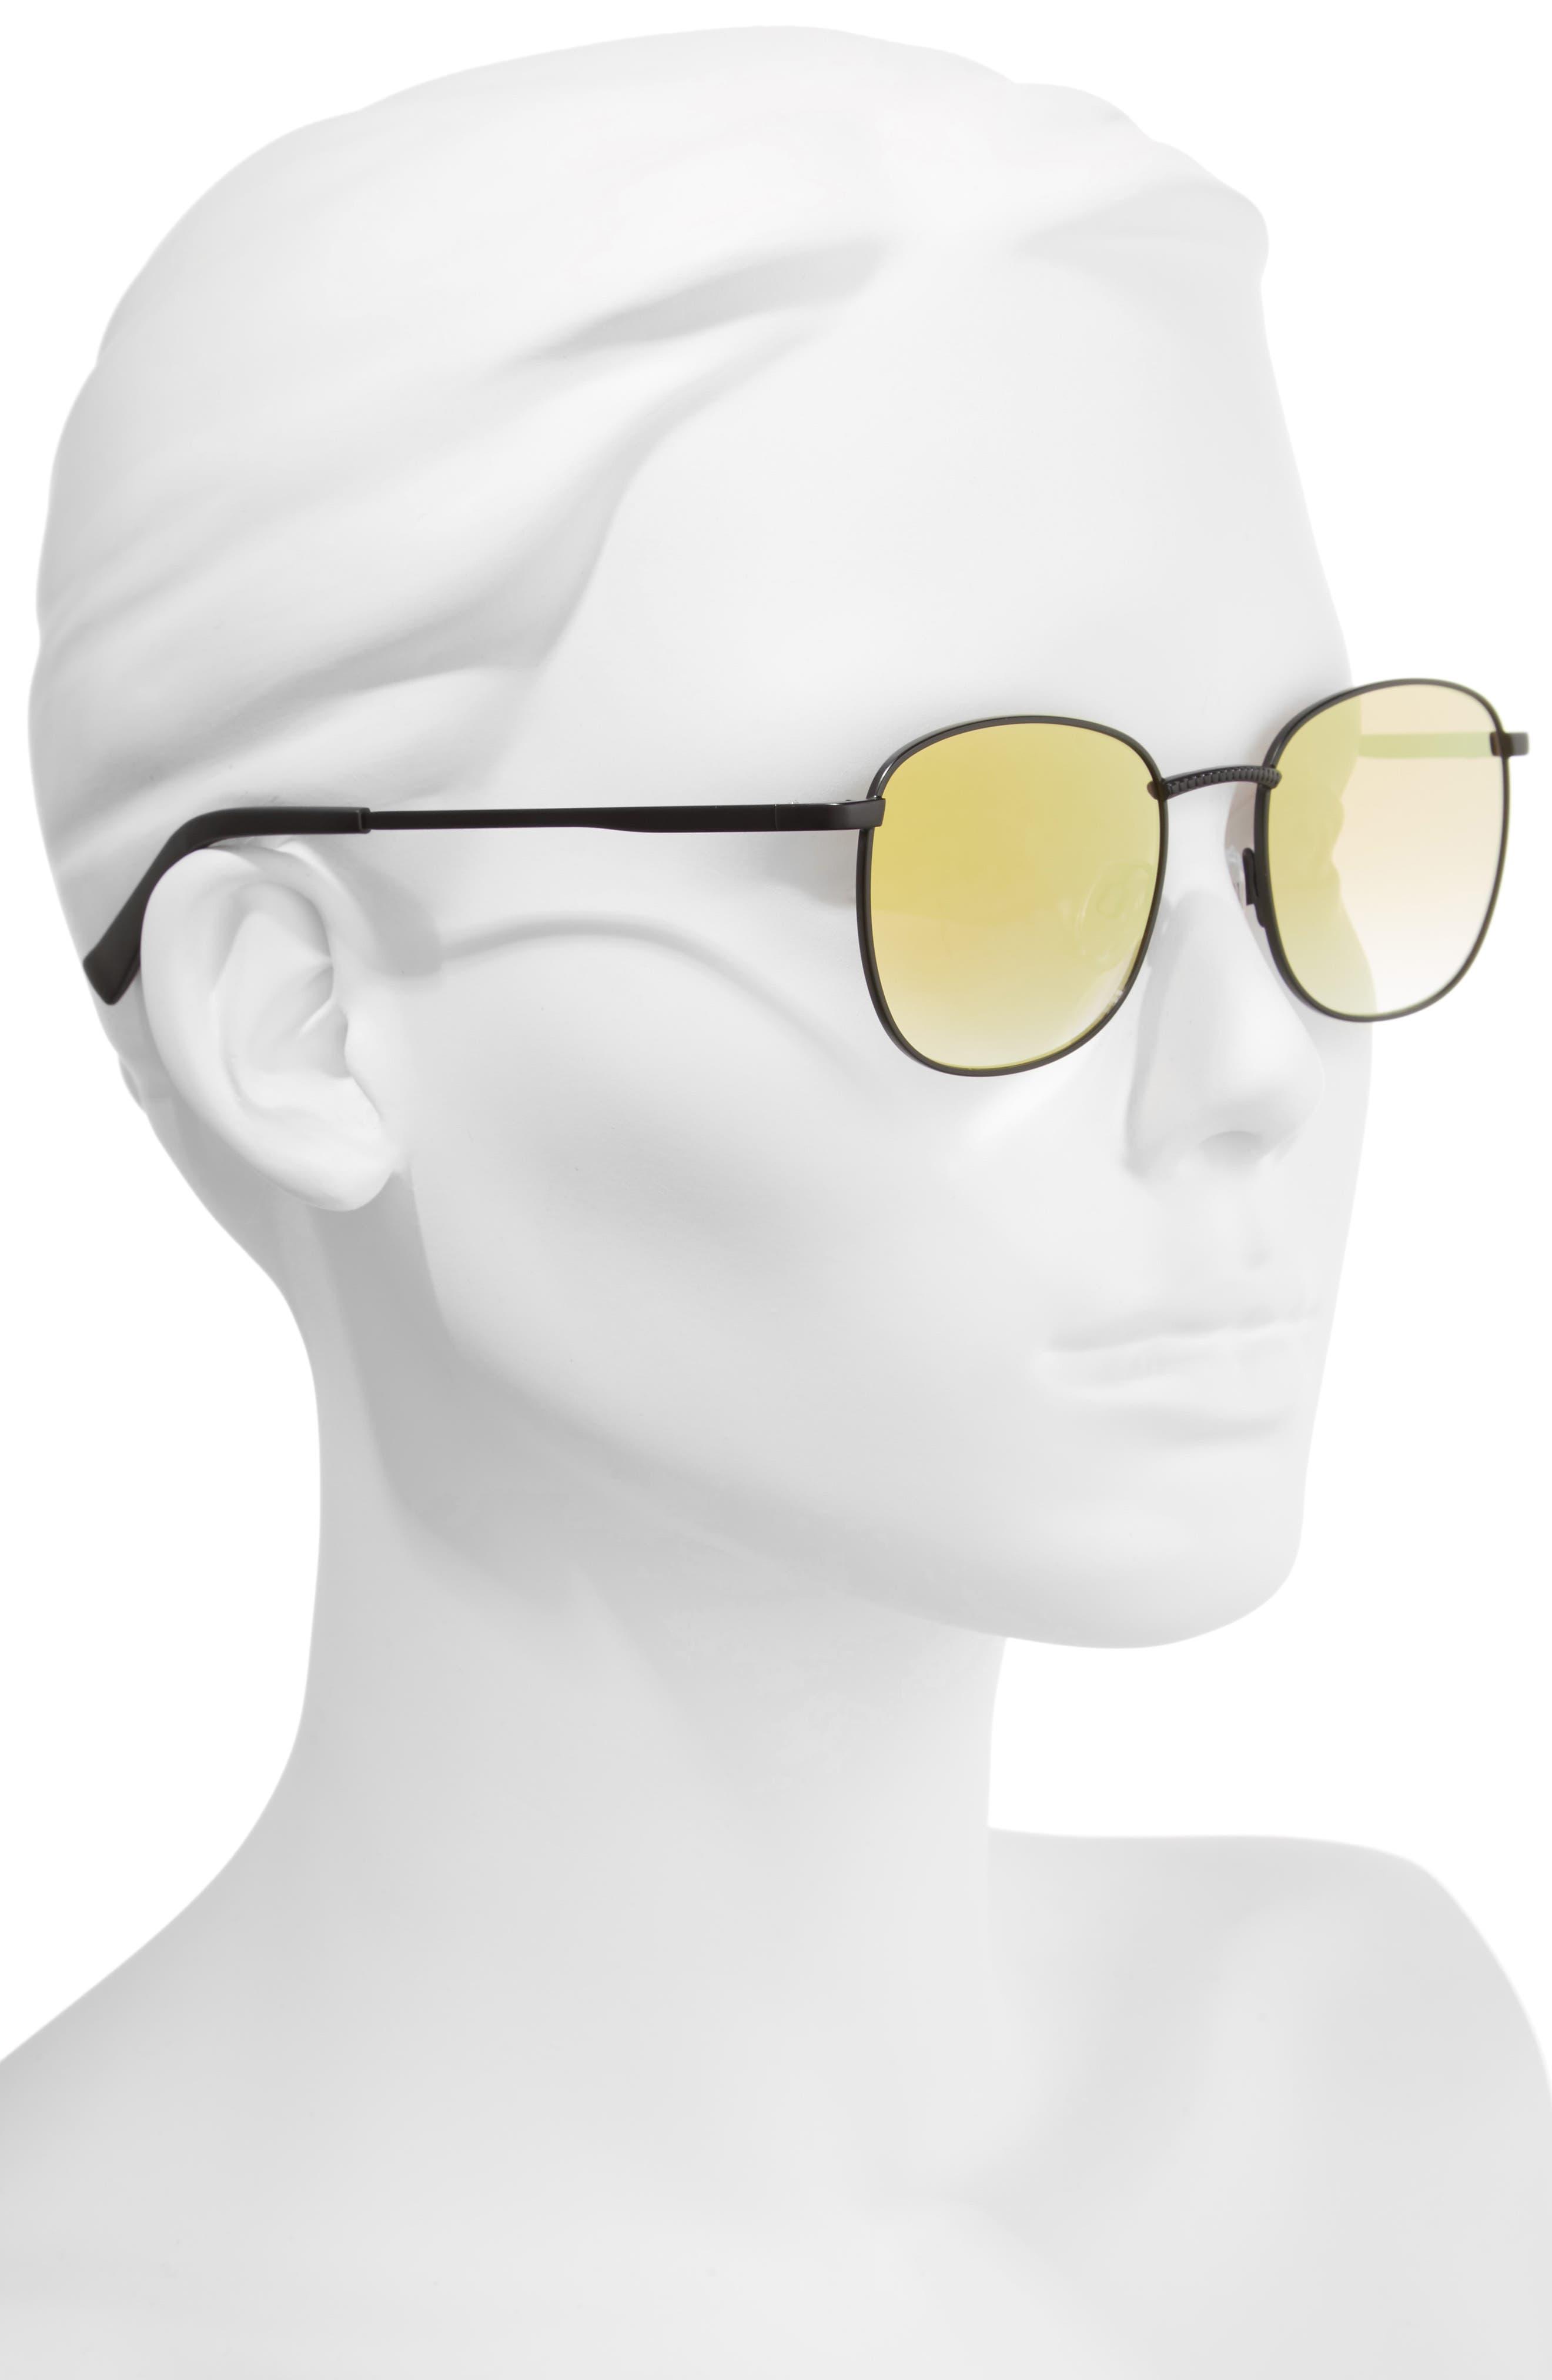 Neptune 49mm Sunglasses,                             Alternate thumbnail 2, color,                             Matte Black